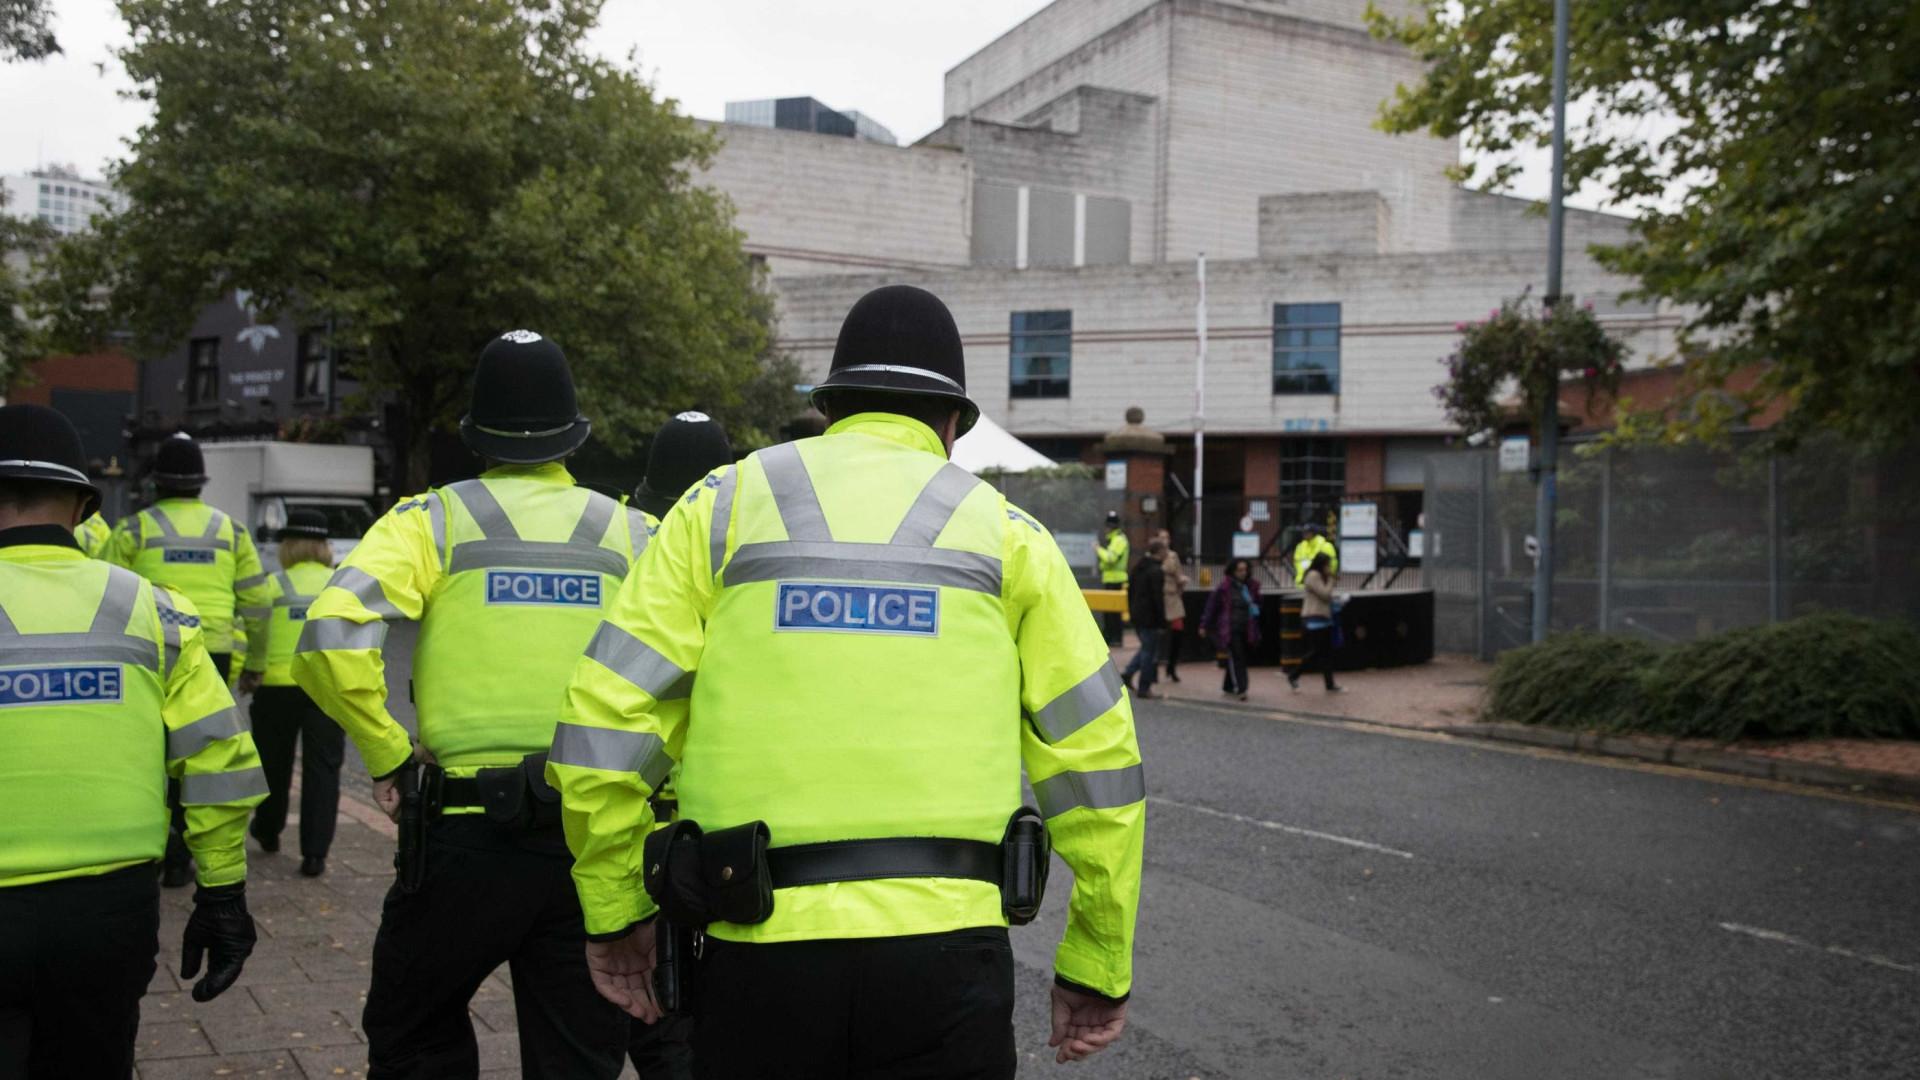 Emigrante português morre em Inglaterra momentos depois de ser detido